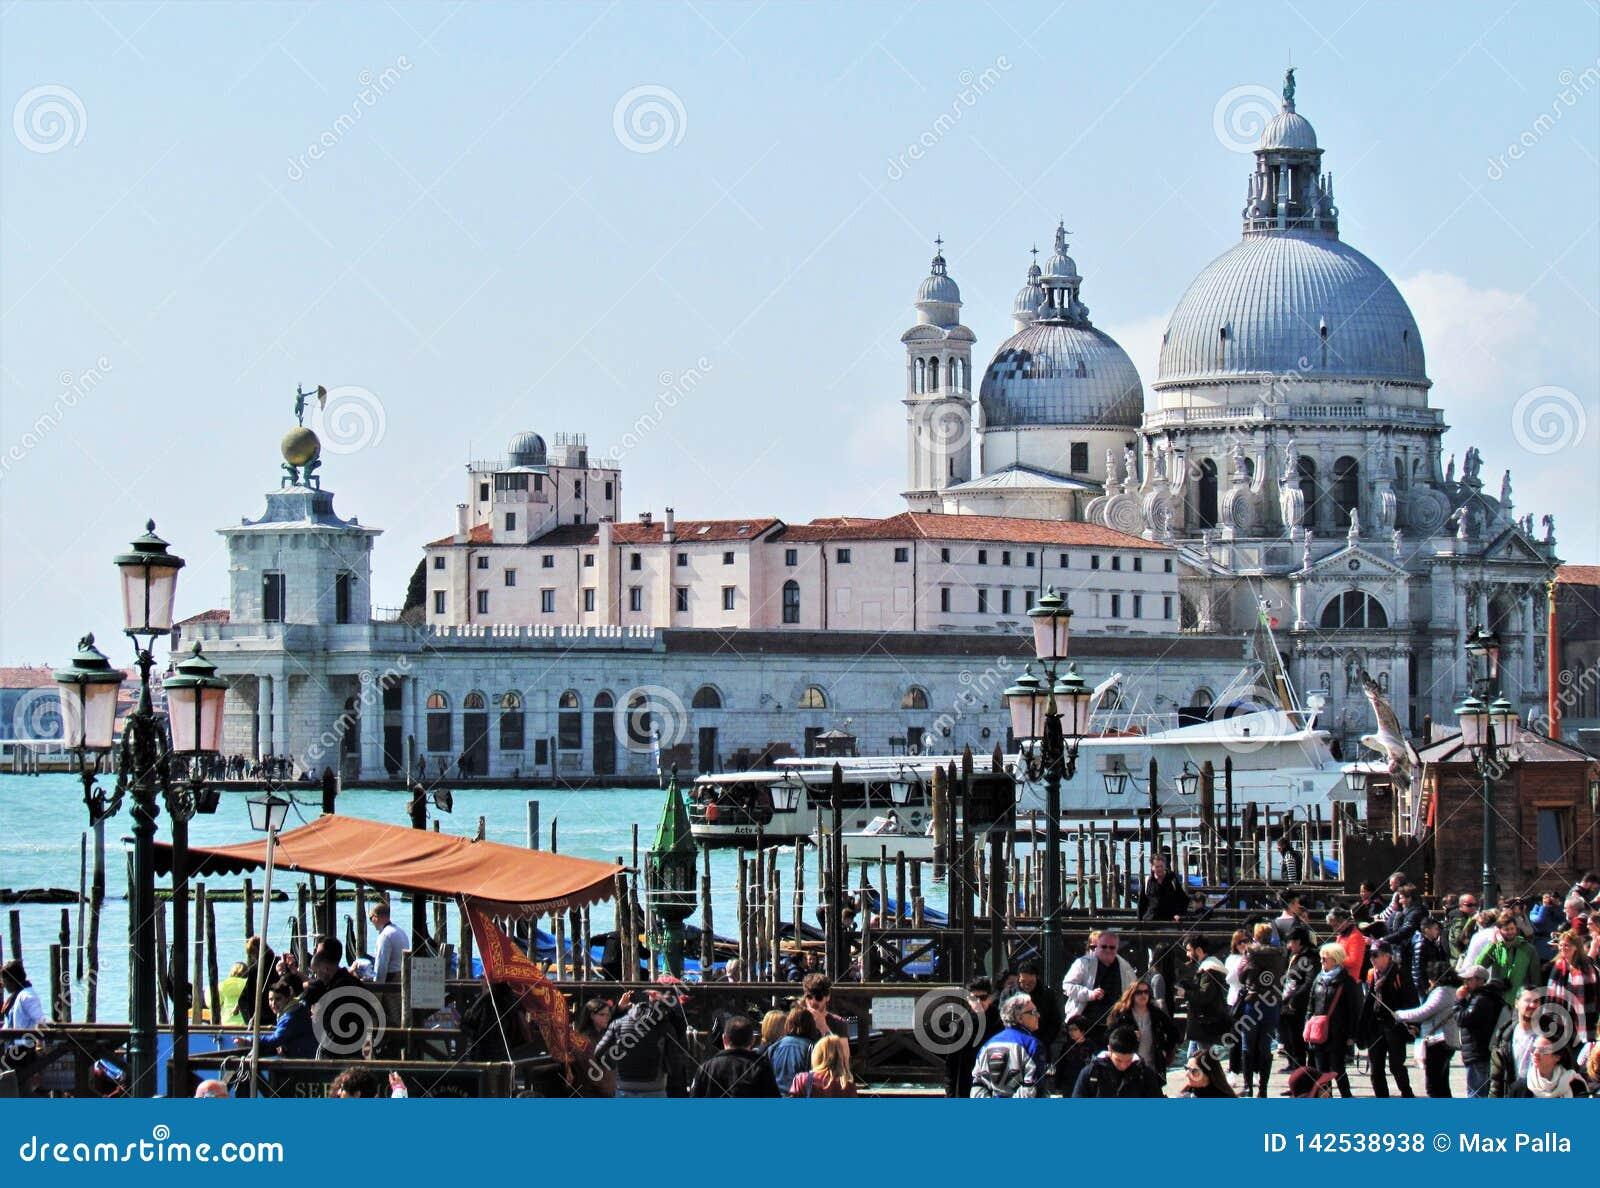 美丽的La大教堂二安康圣母圣殿在威尼斯,意大利